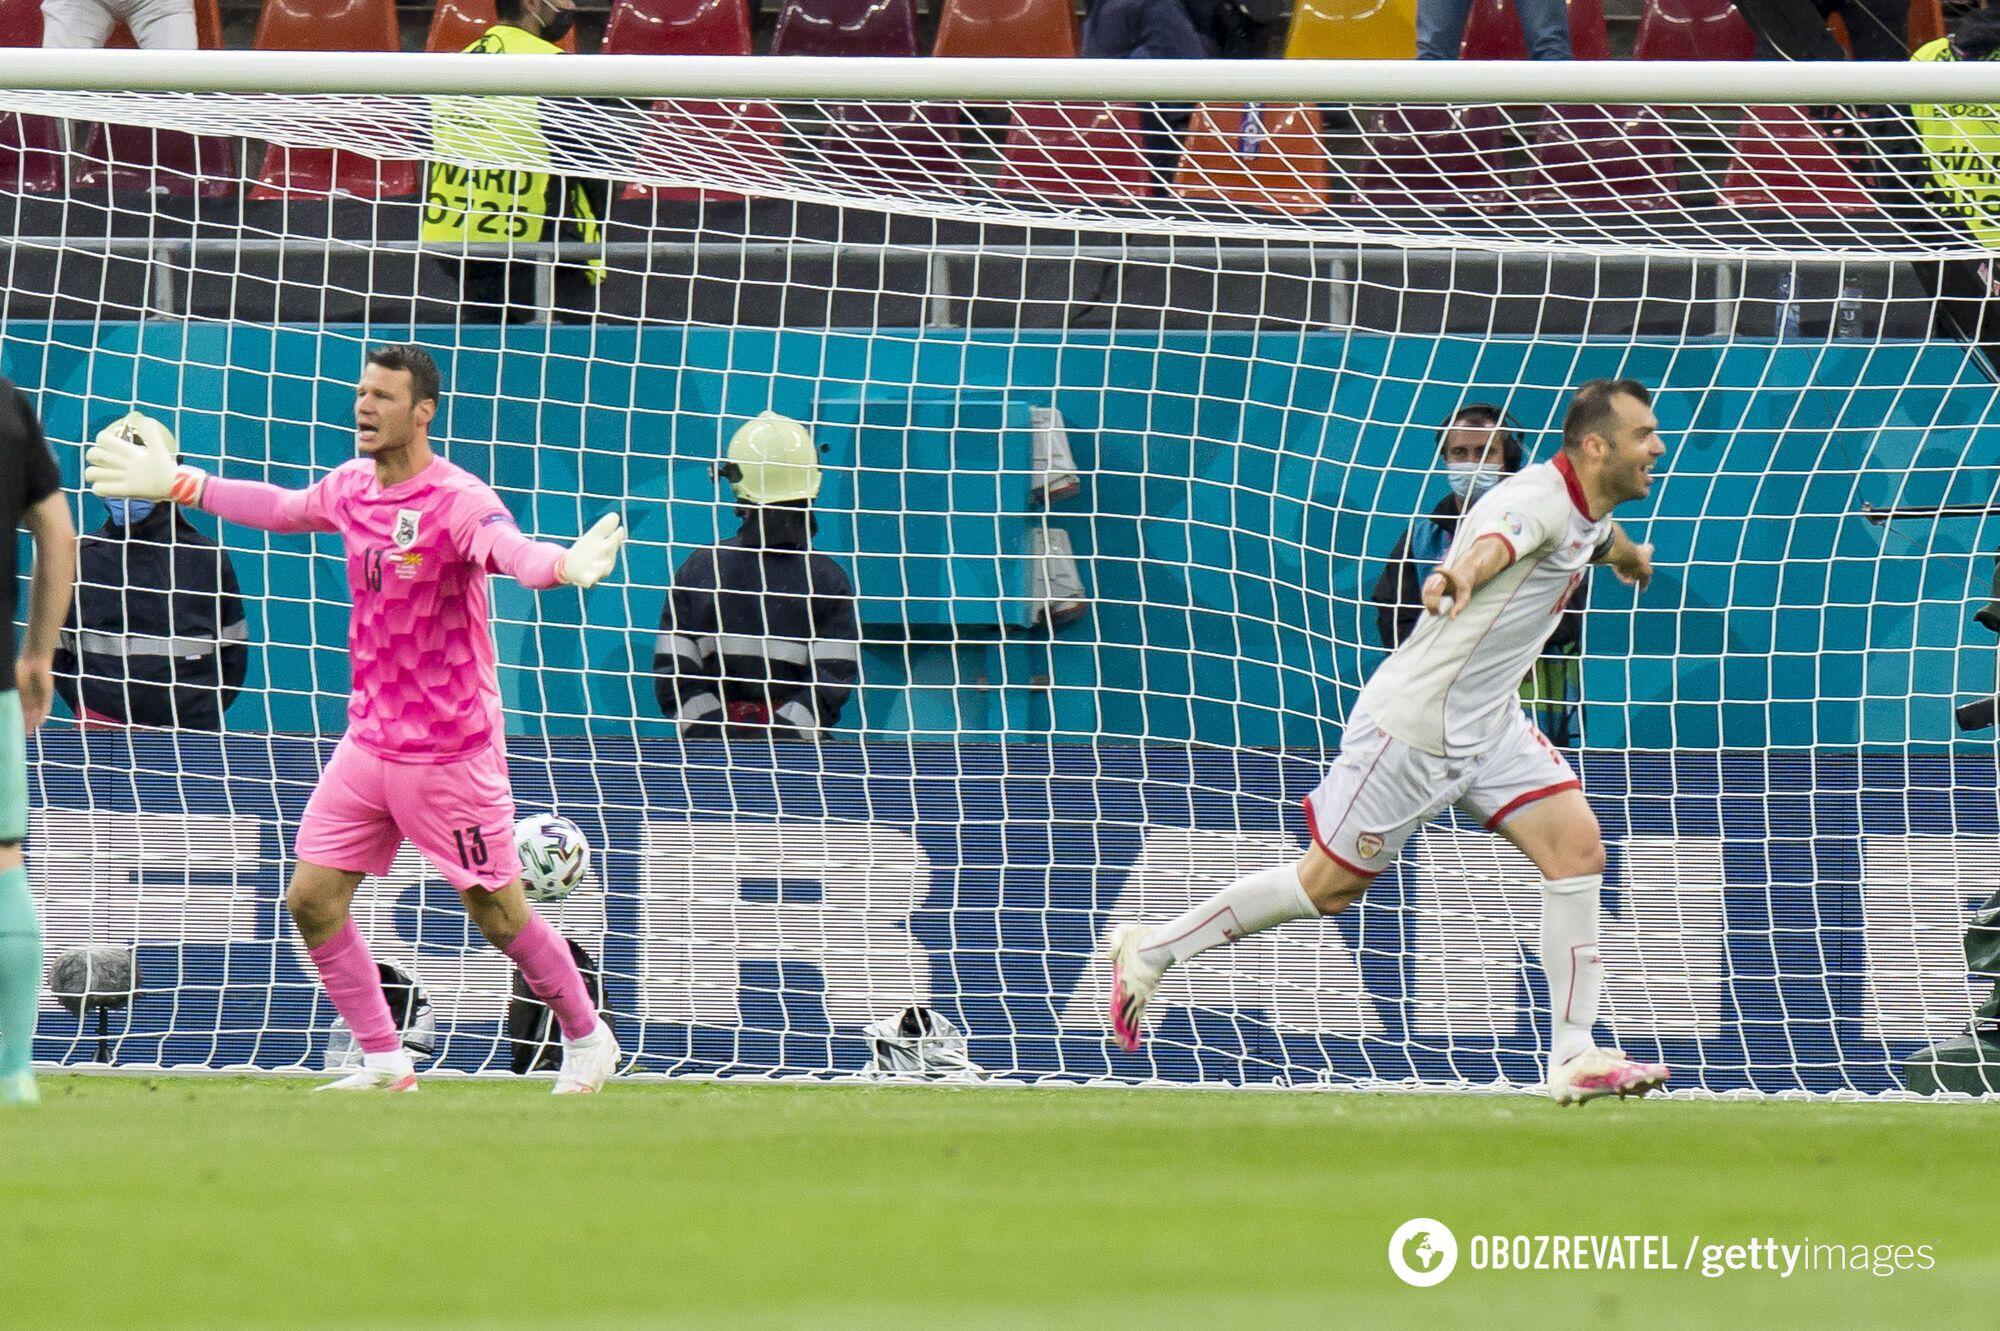 Пандев забил в стартовом матче Евро-2020.